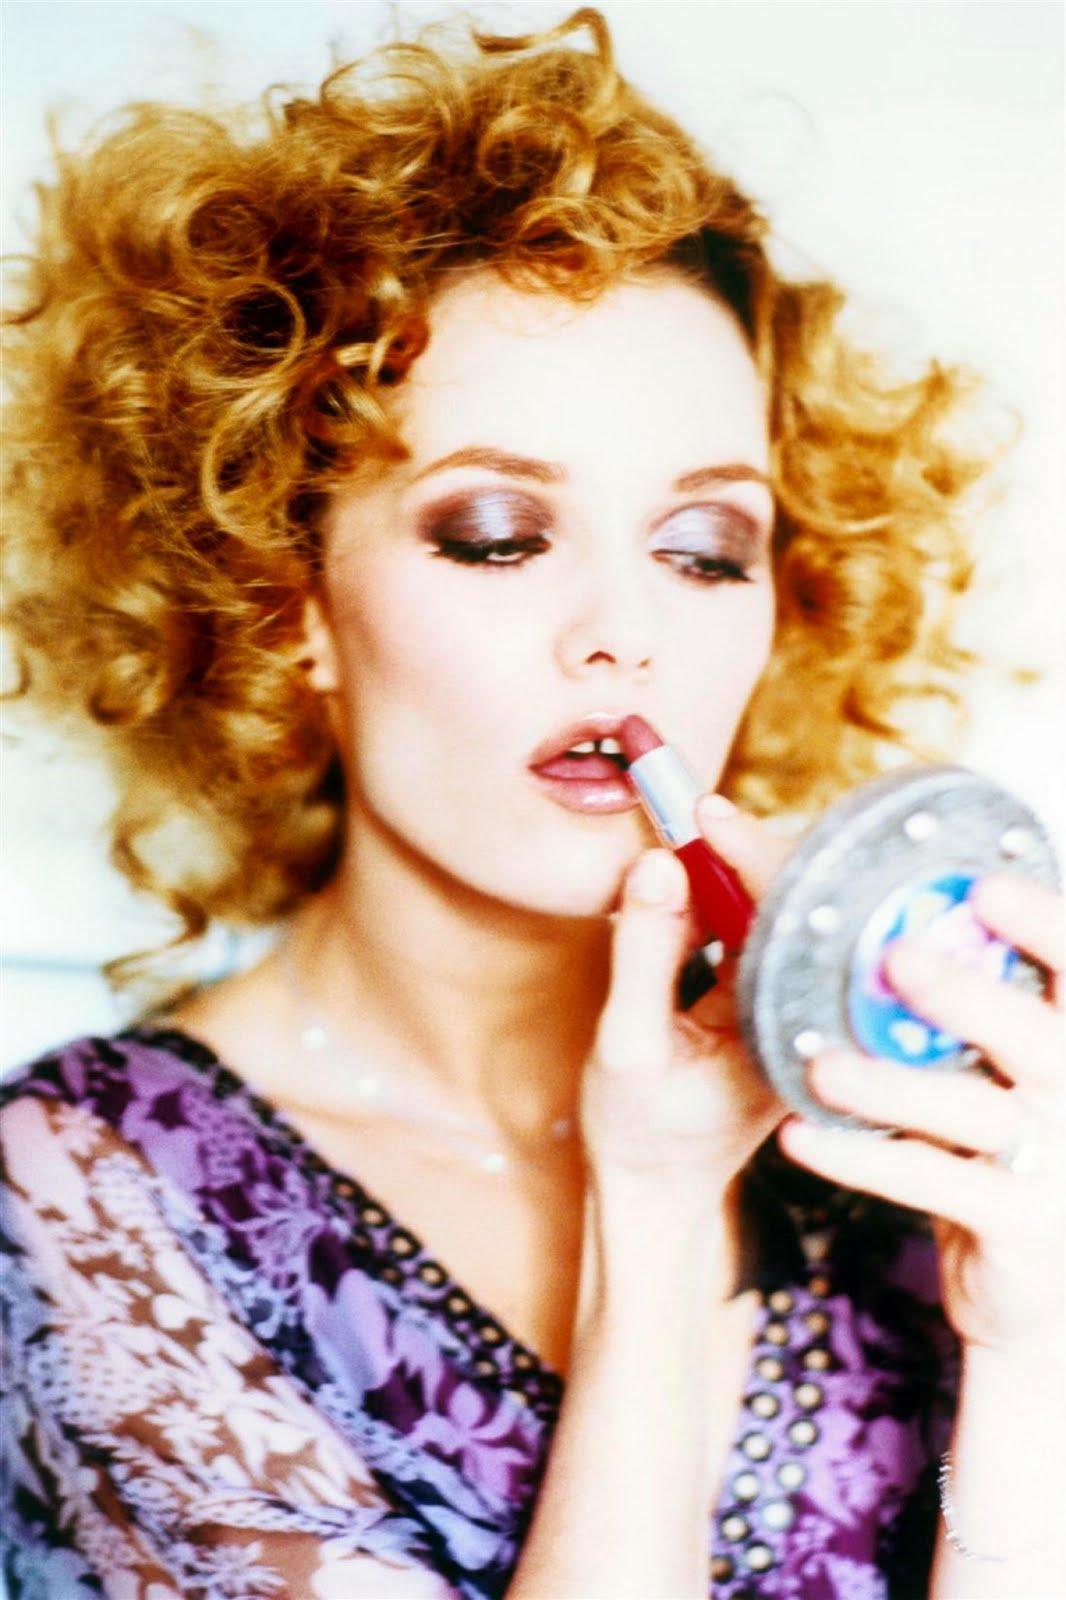 http://3.bp.blogspot.com/_KMqOPeCgoT0/TT4Ad6dHdYI/AAAAAAAAKzc/OWloA6lUm08/s1600/Vanessa+Paradis+by+Ellen+Von+Unwerth.jpg